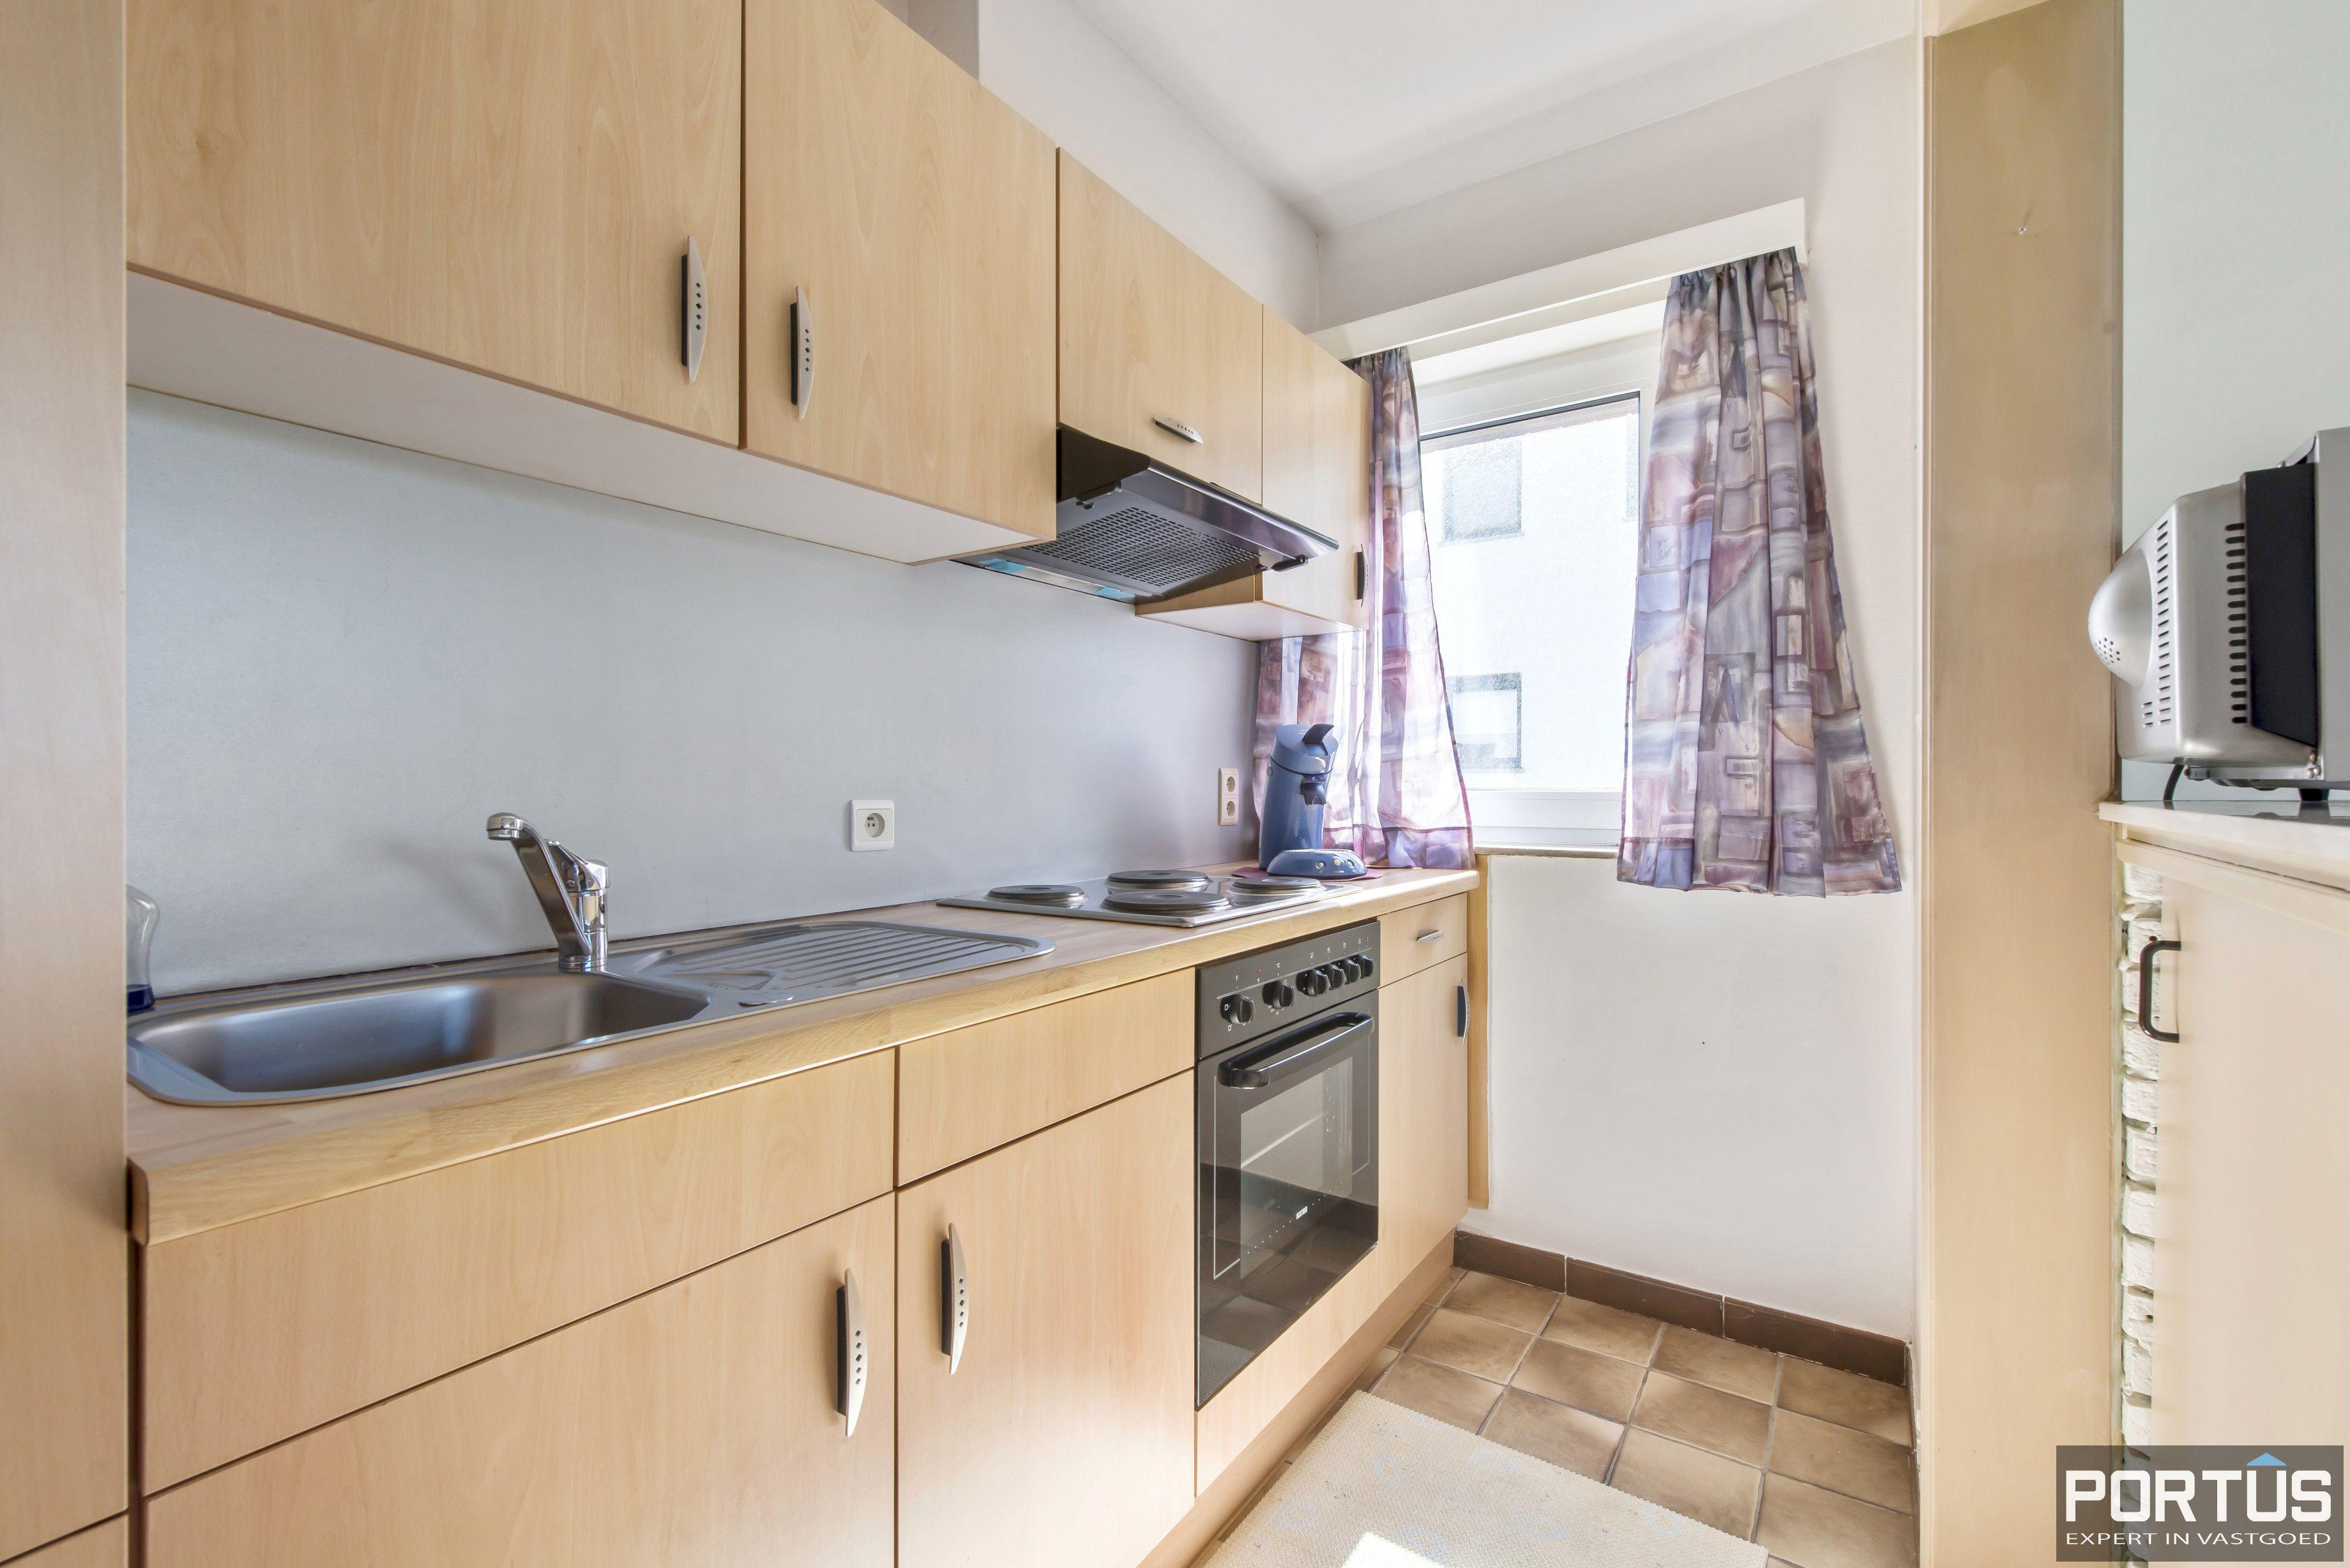 Appartement met 2 slaapkamers en parking te koop te Nieuwpoort - 9741